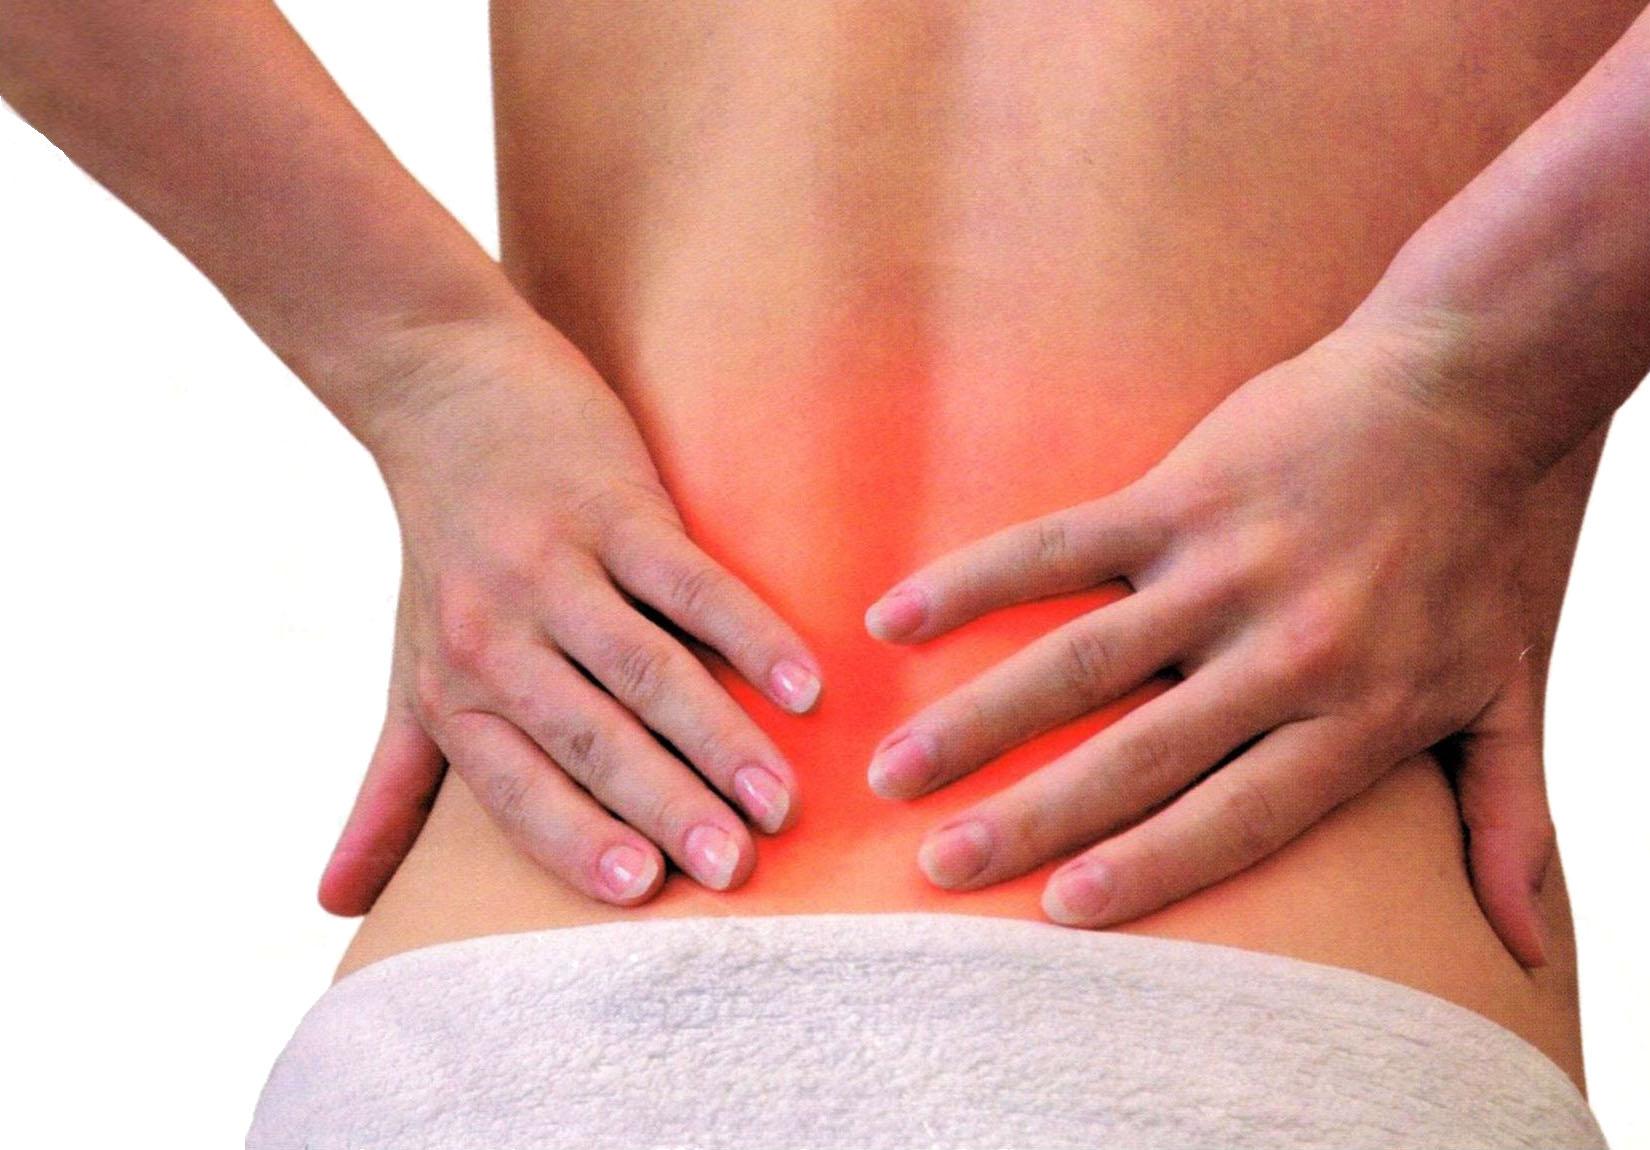 Аденома надпочечников: симптомы, диагностика и современные методы лечения